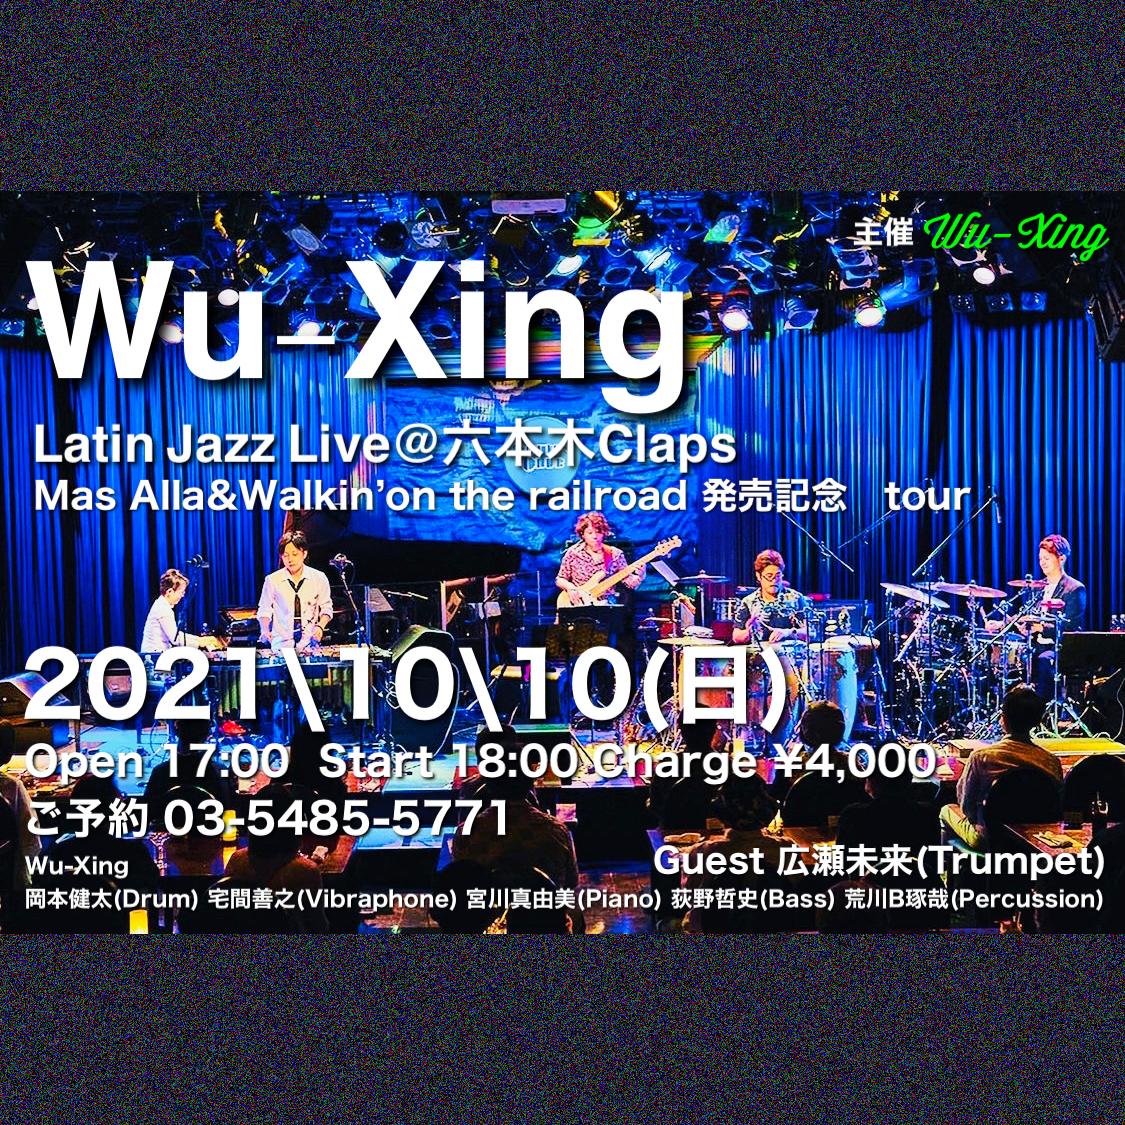 Wu-Xing(ウーシング)